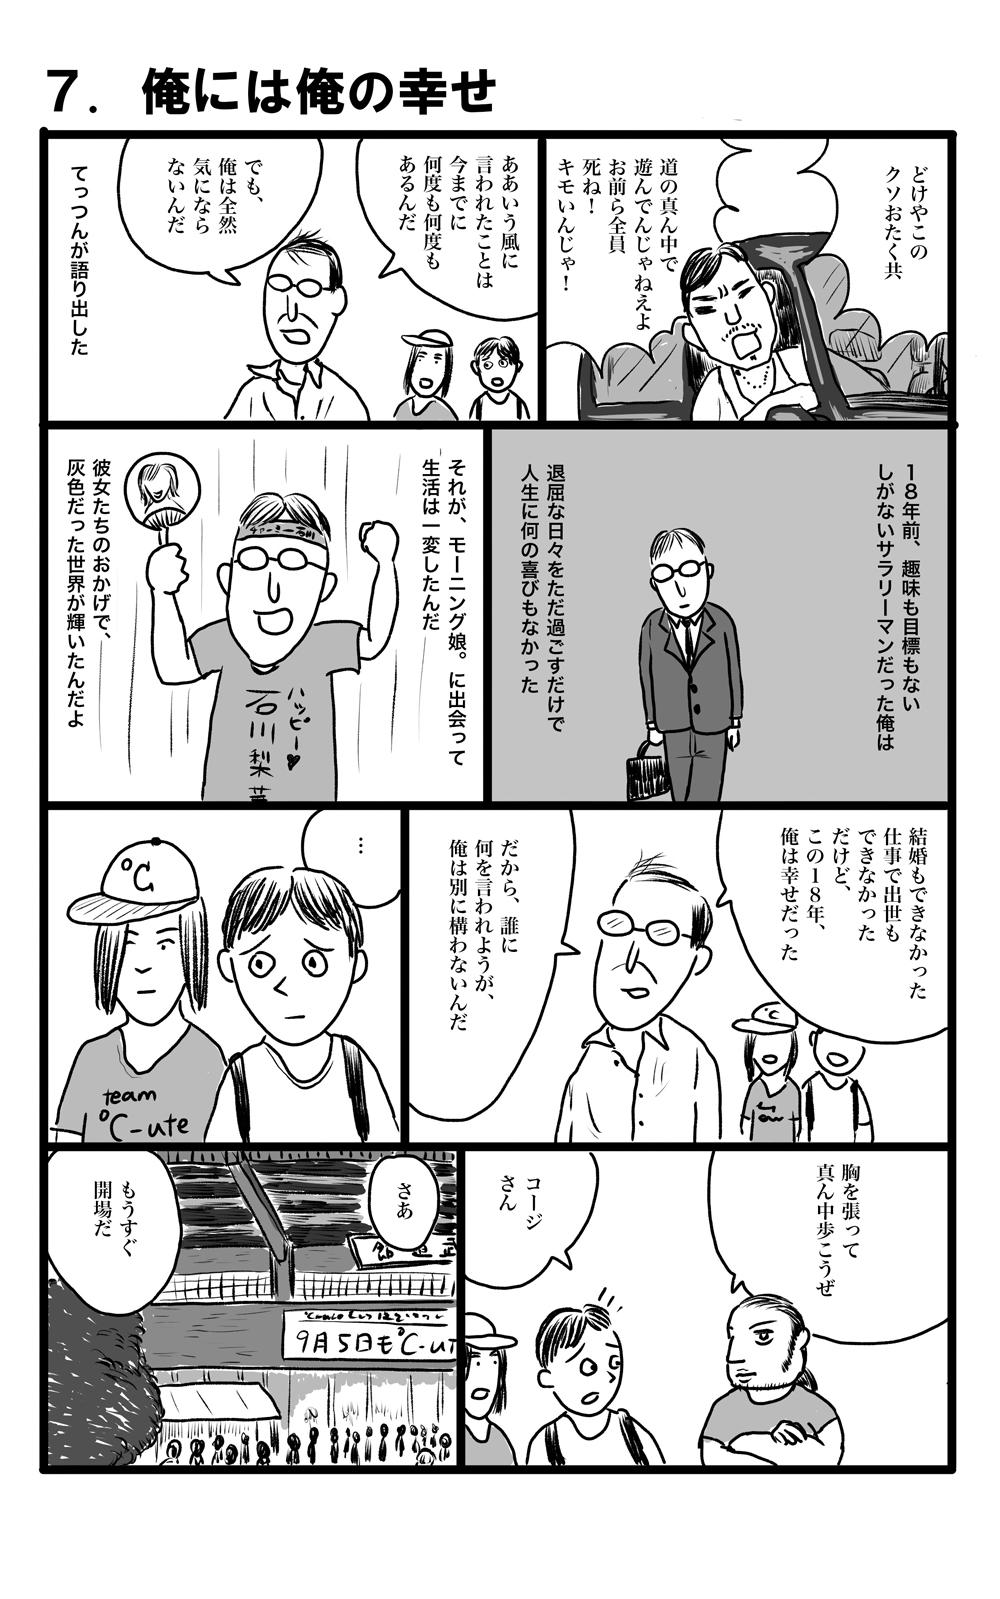 tsurugi-mikito-007